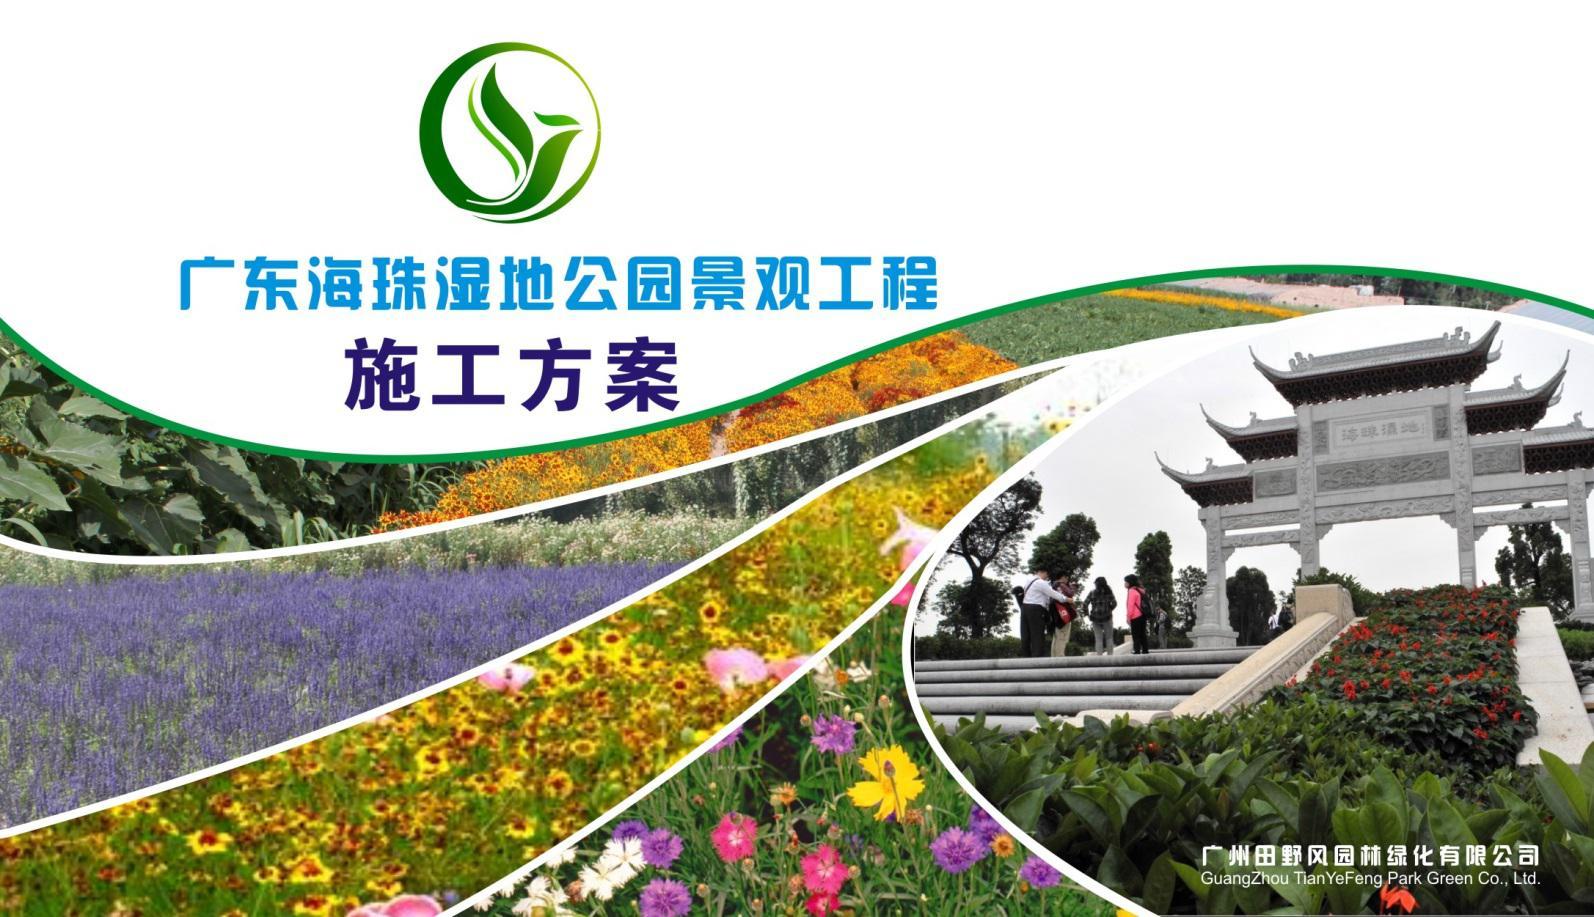 广东海珠湿地公园 景观工程方案目录